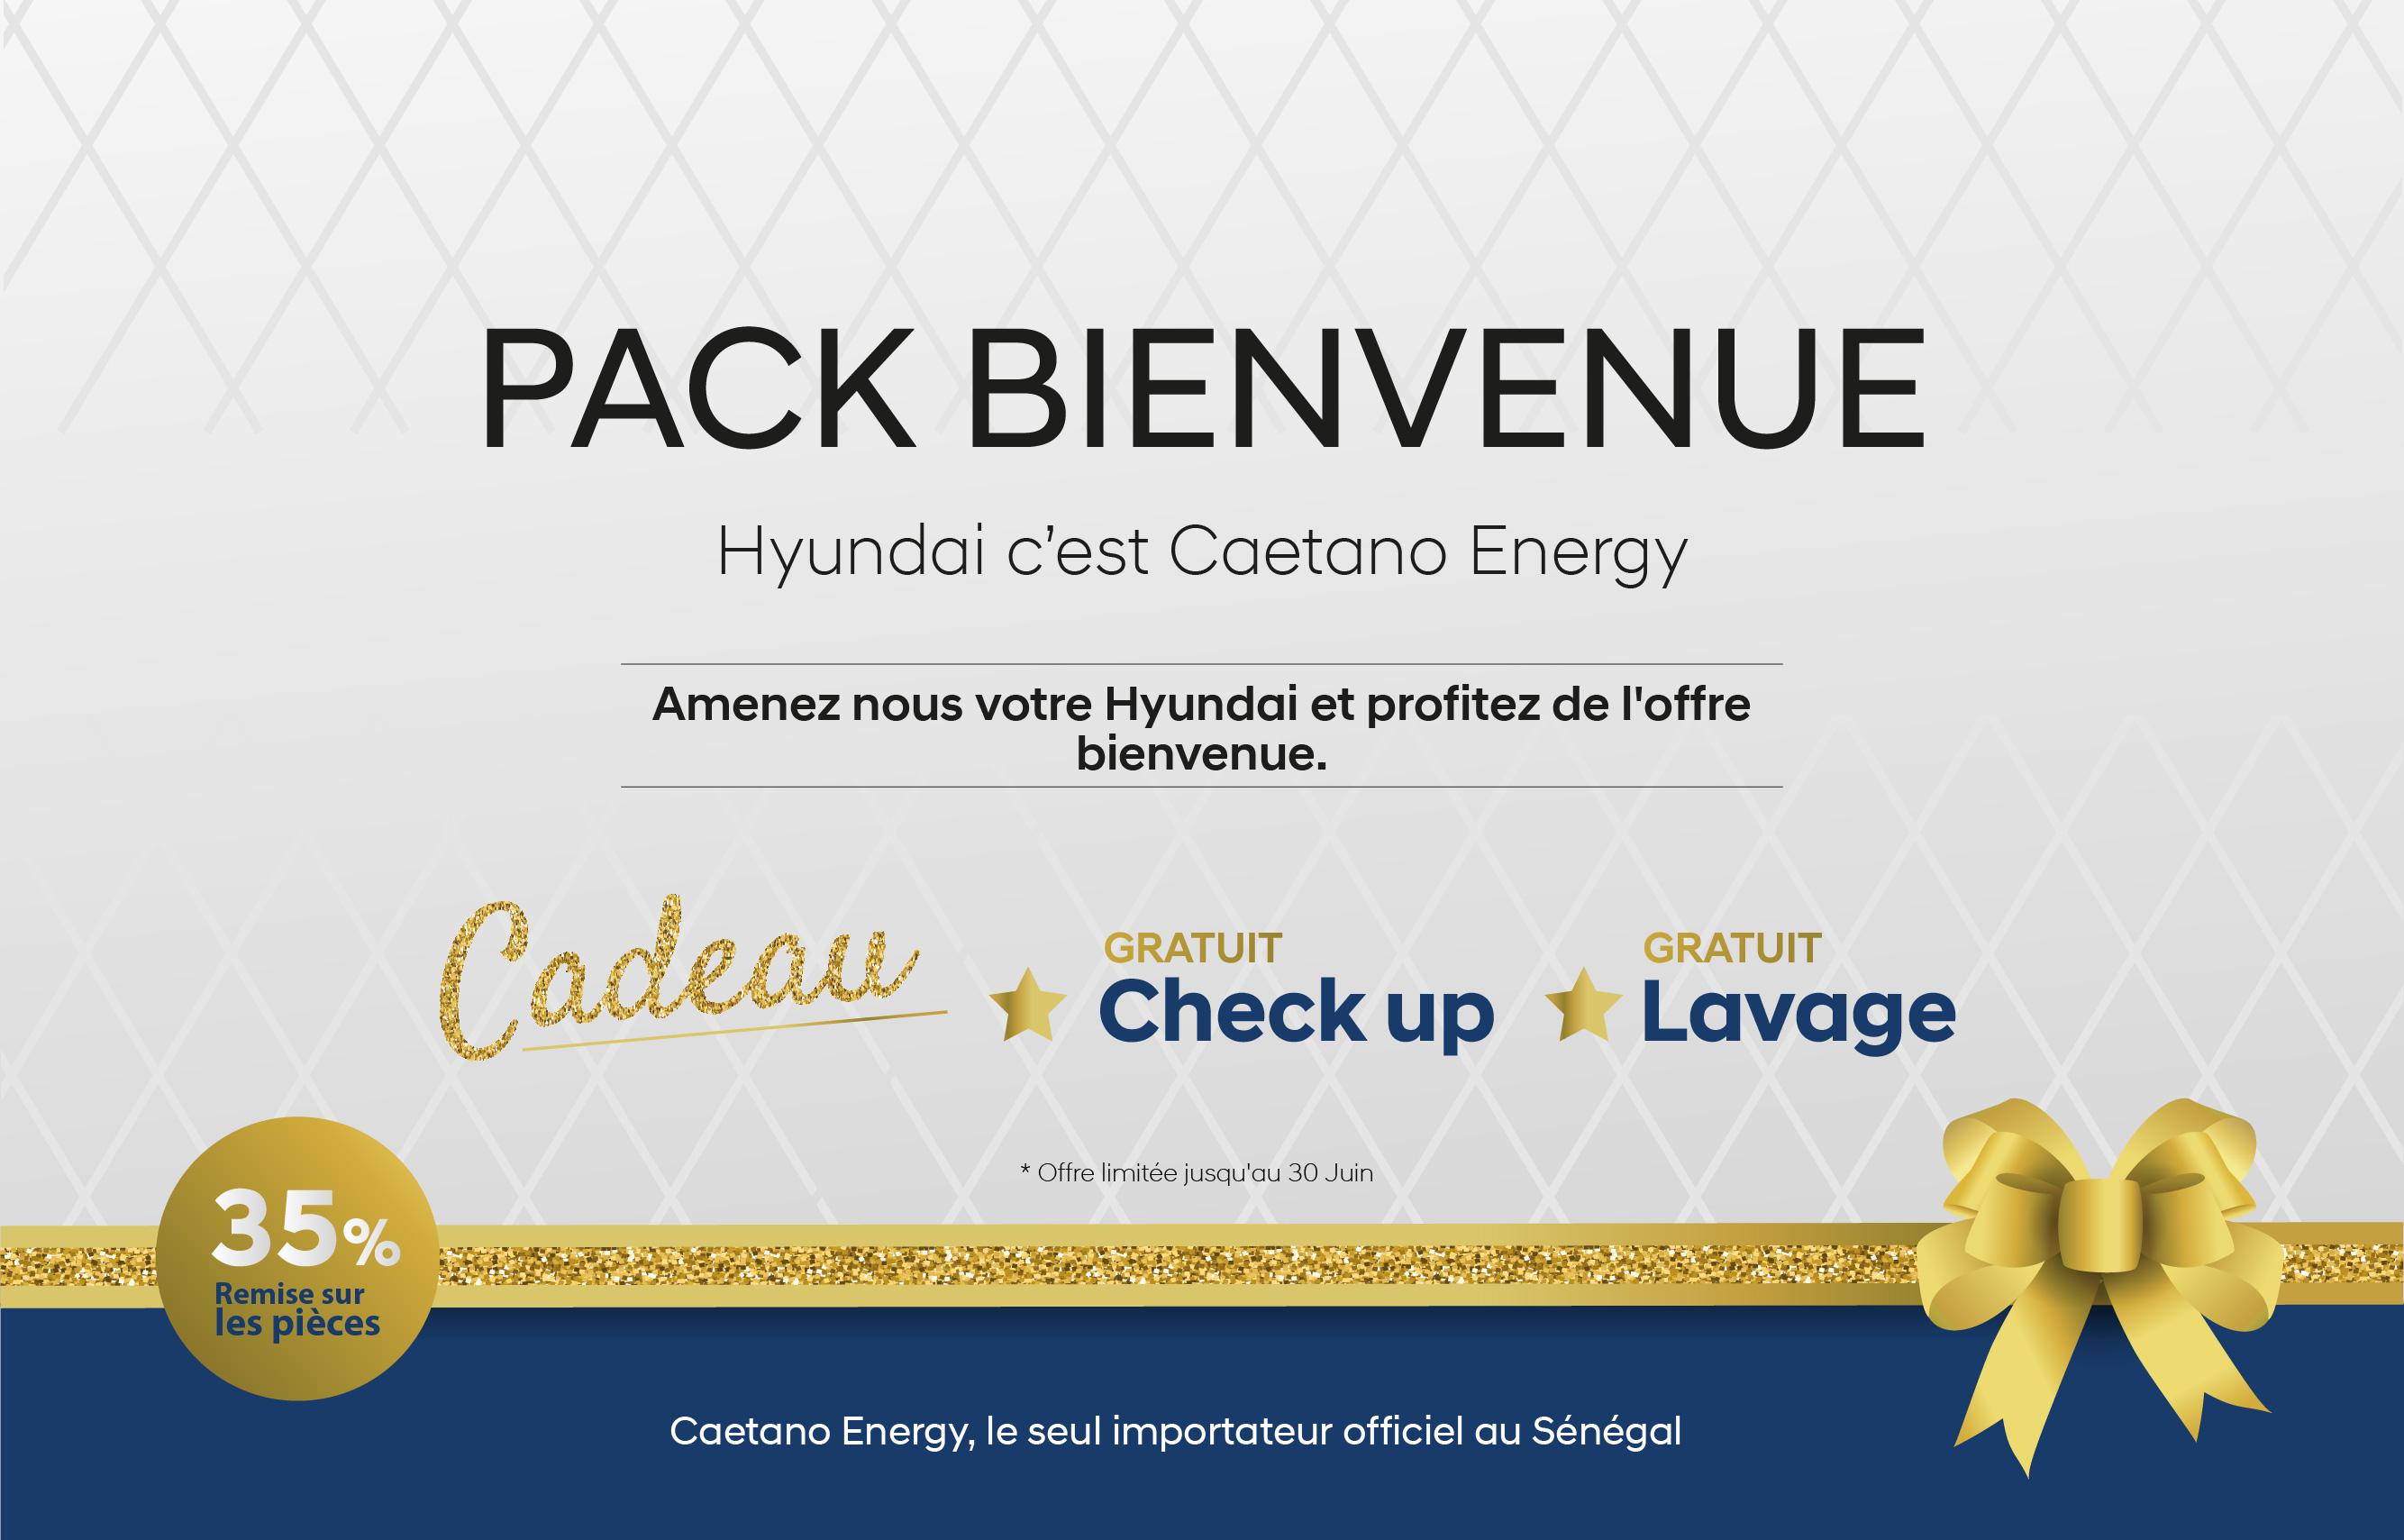 Campagne Pack Bienvenue